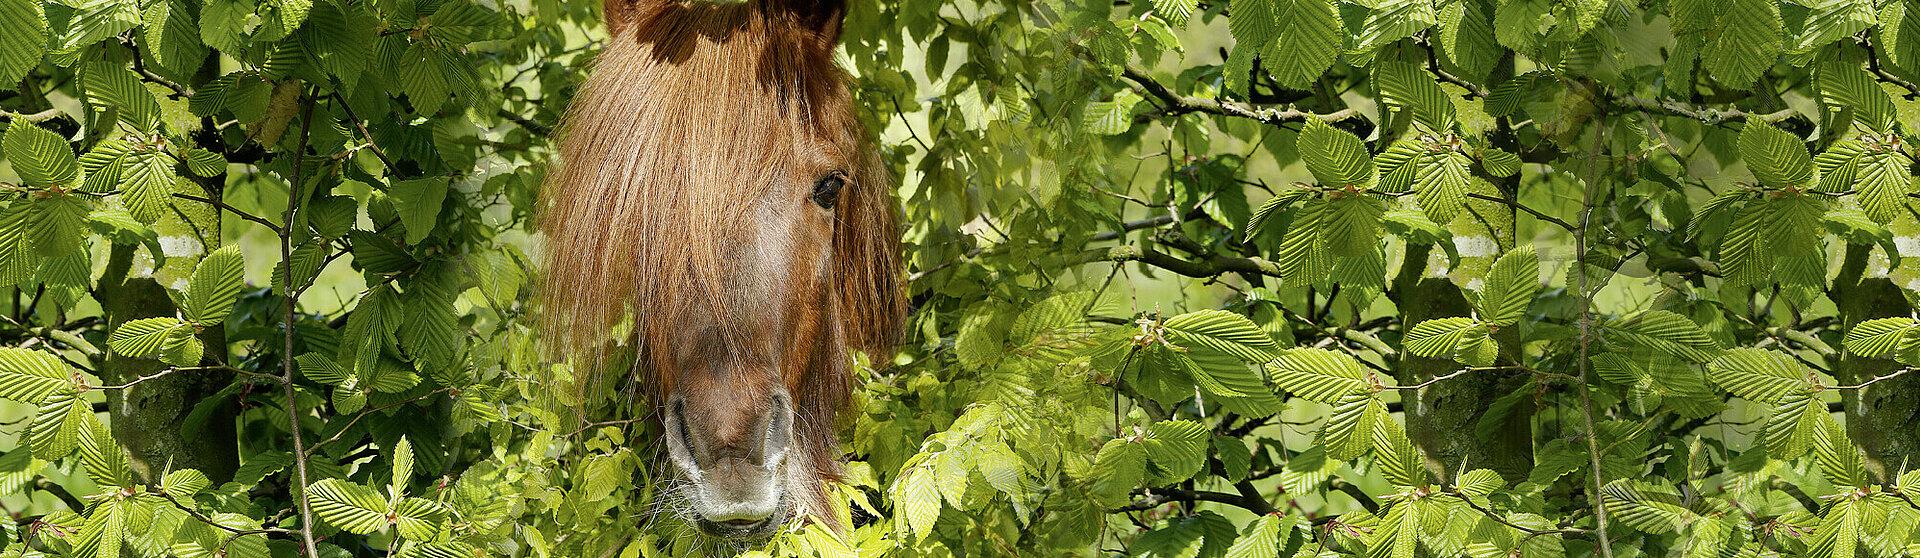 Ein Pferd, welches durch eine Hecke schaut.